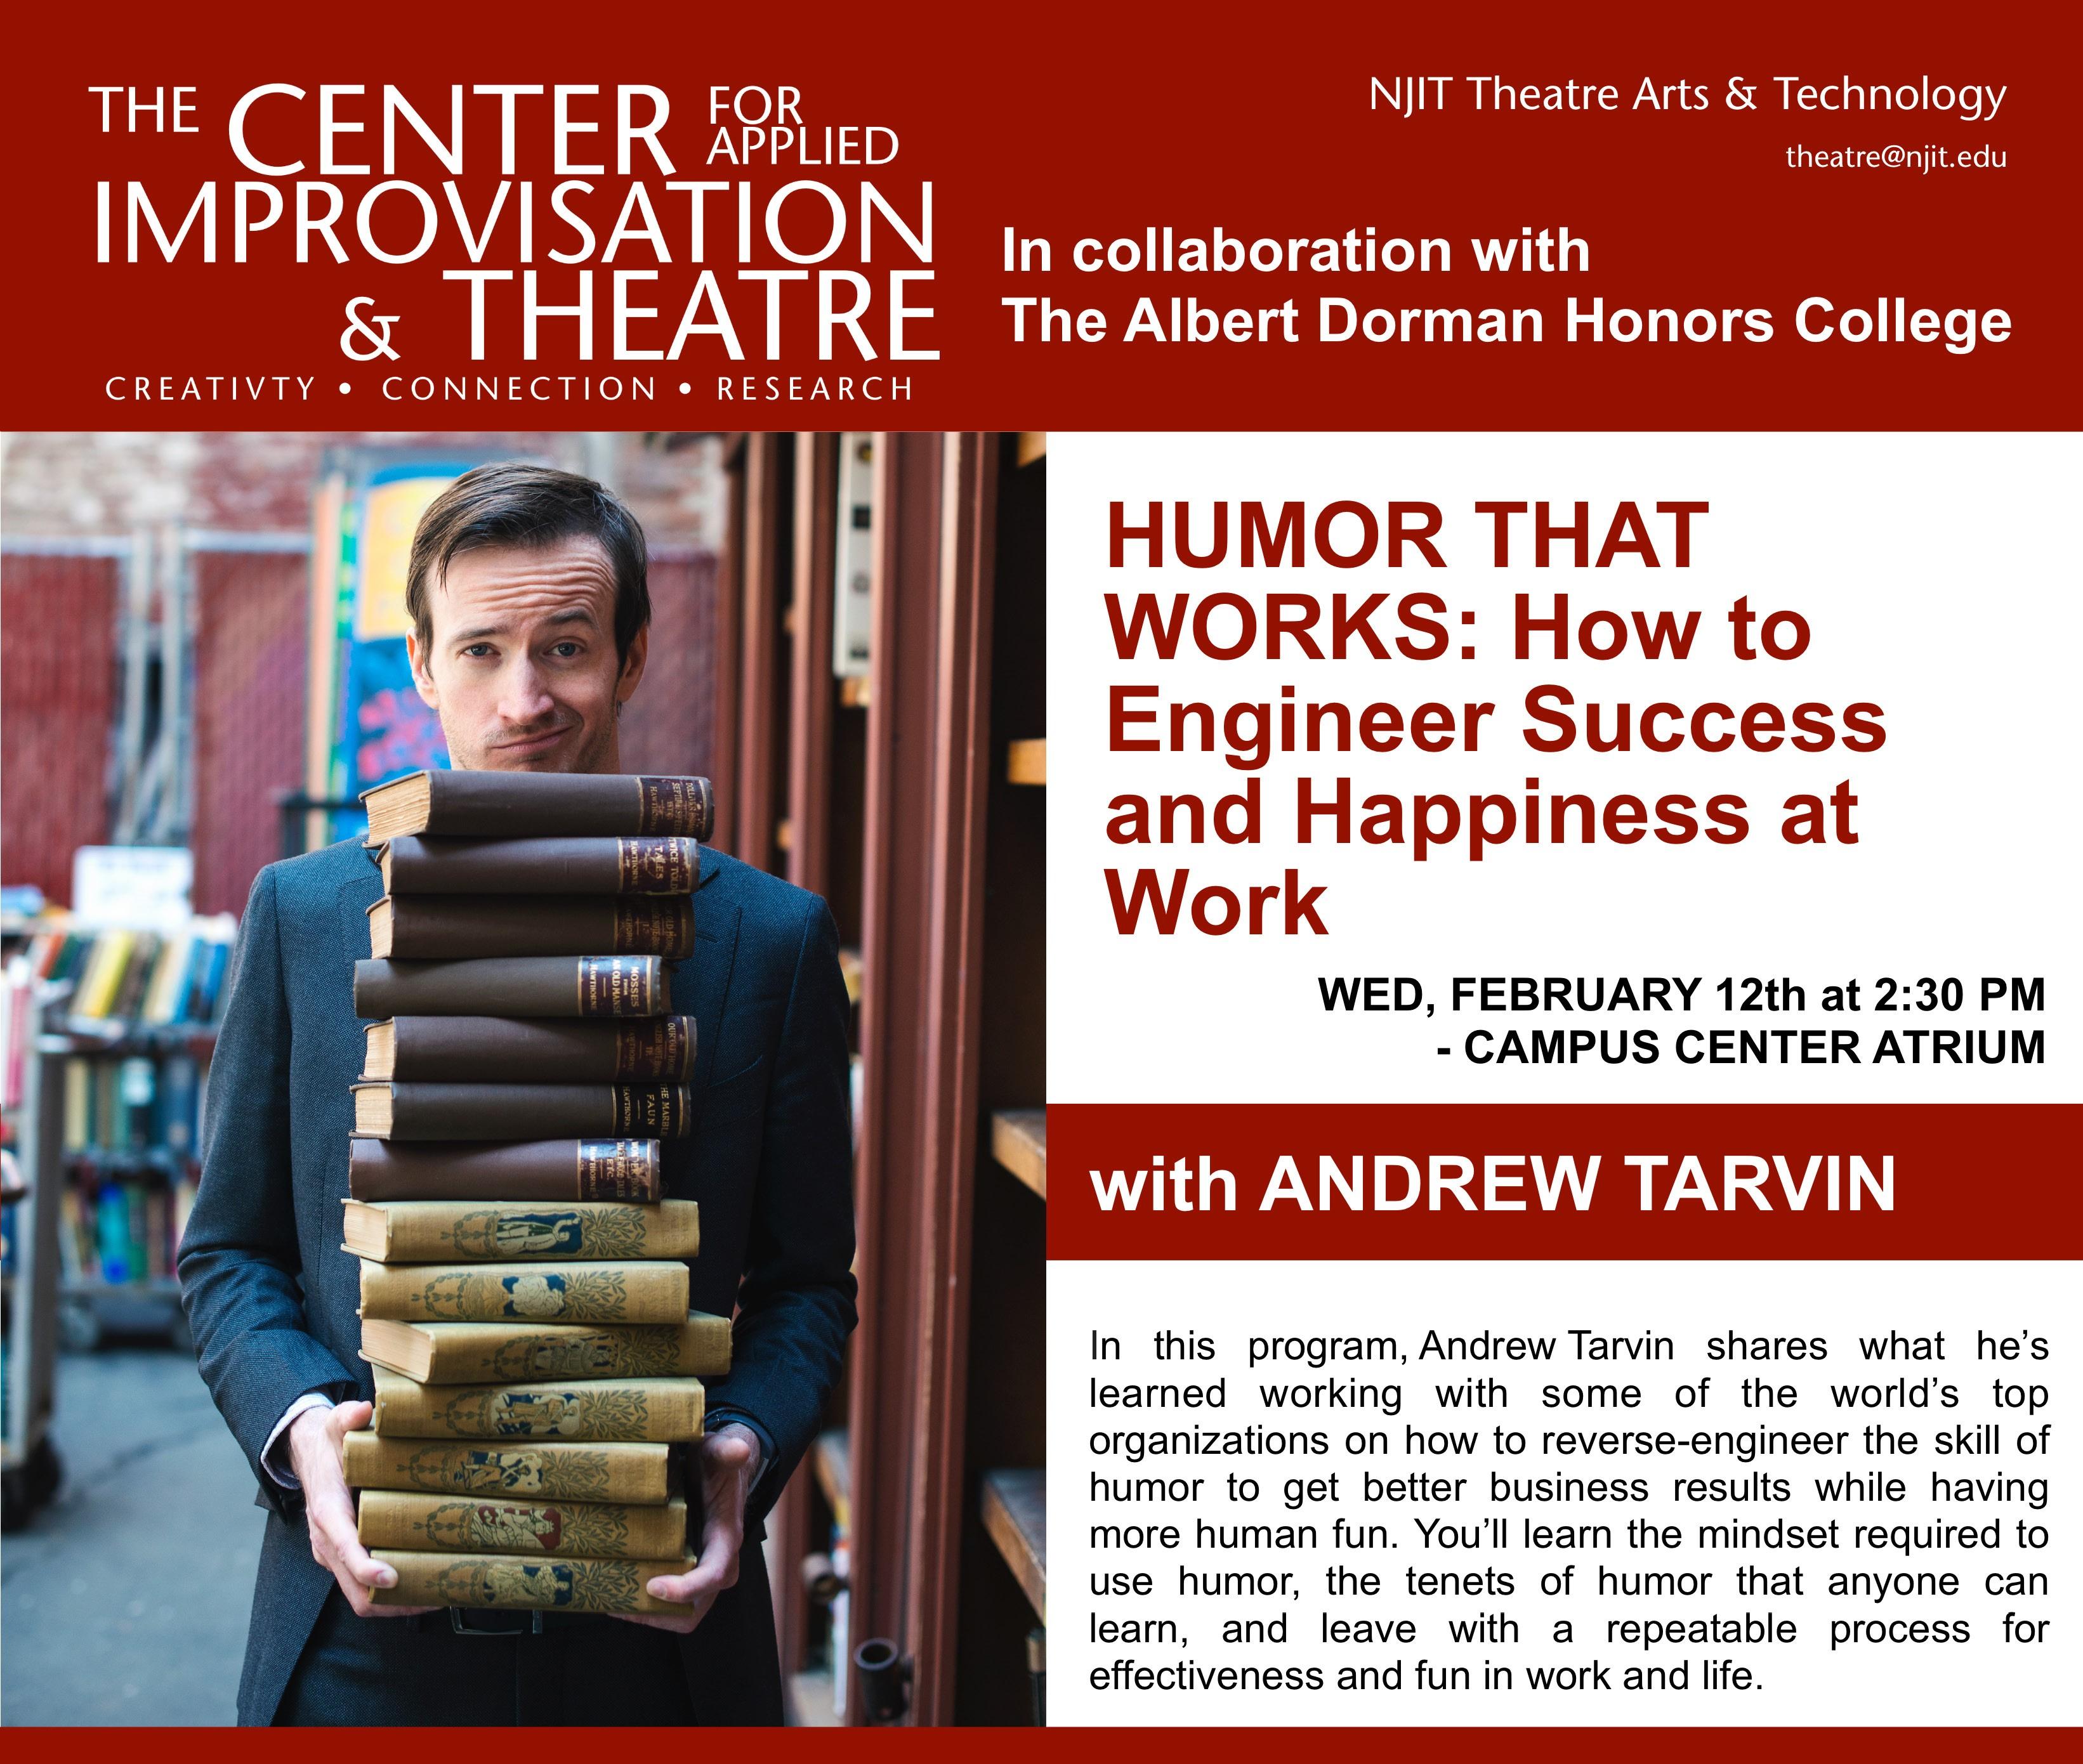 Andrew Tarvin Poster